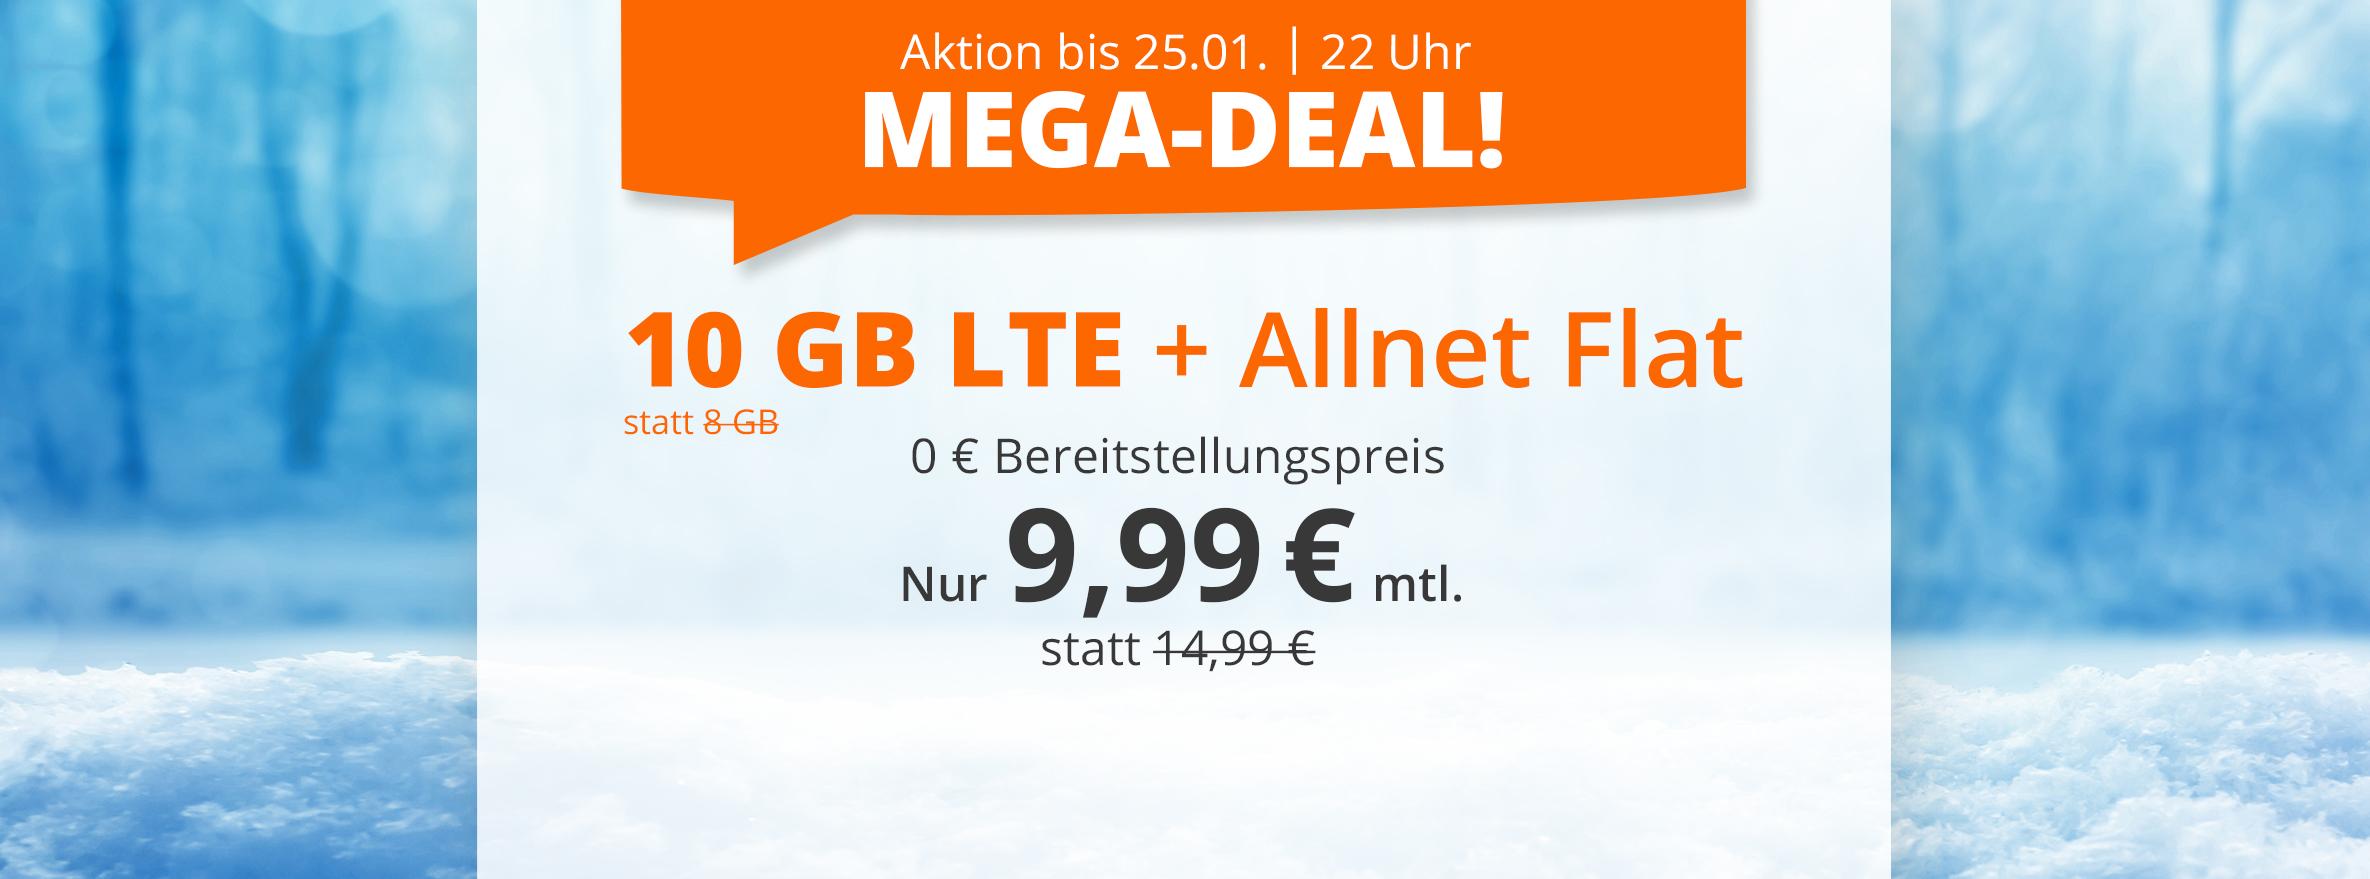 Mega-Deal!